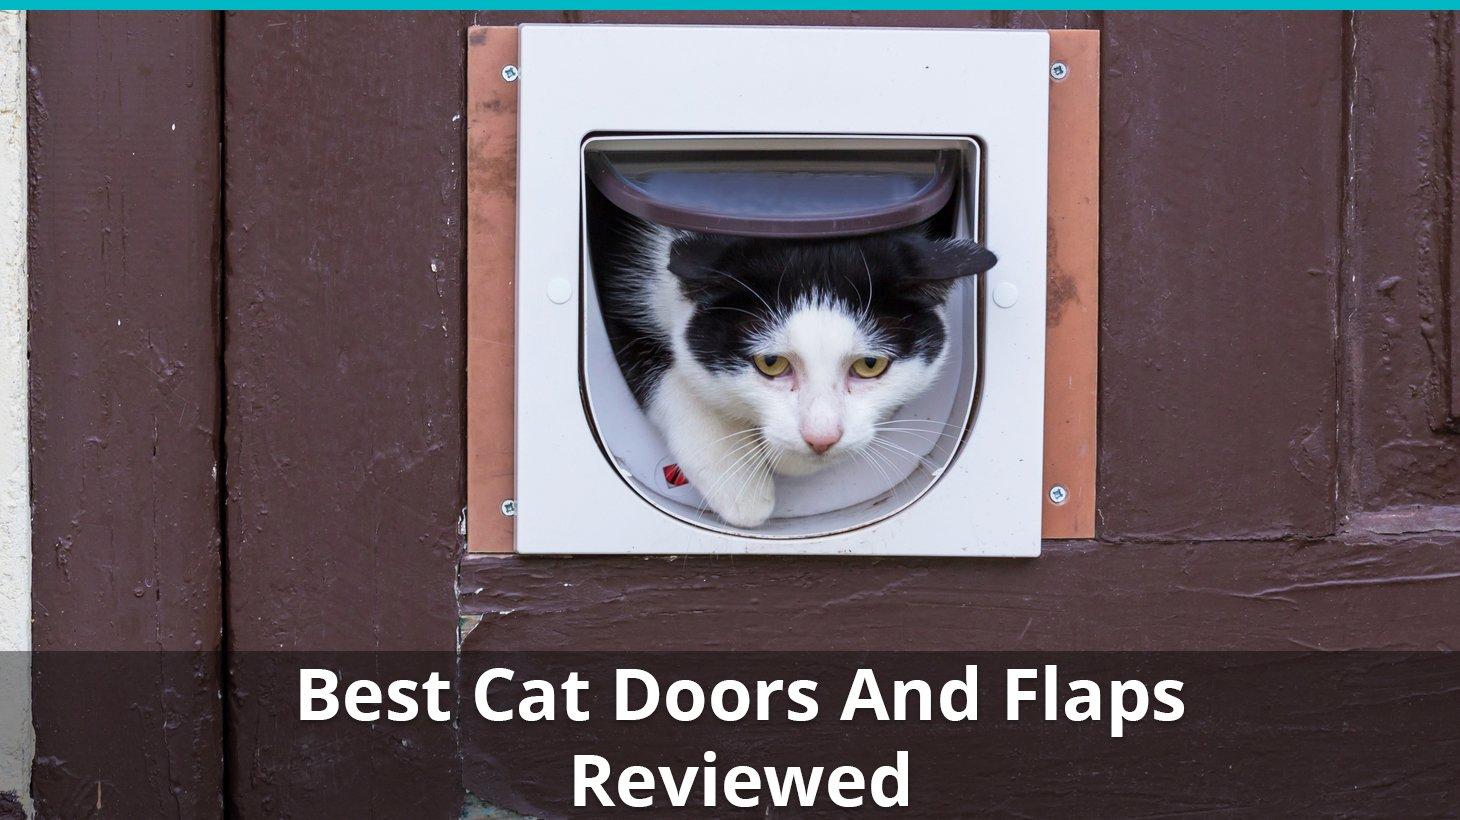 Exterior Cat Door Reviews